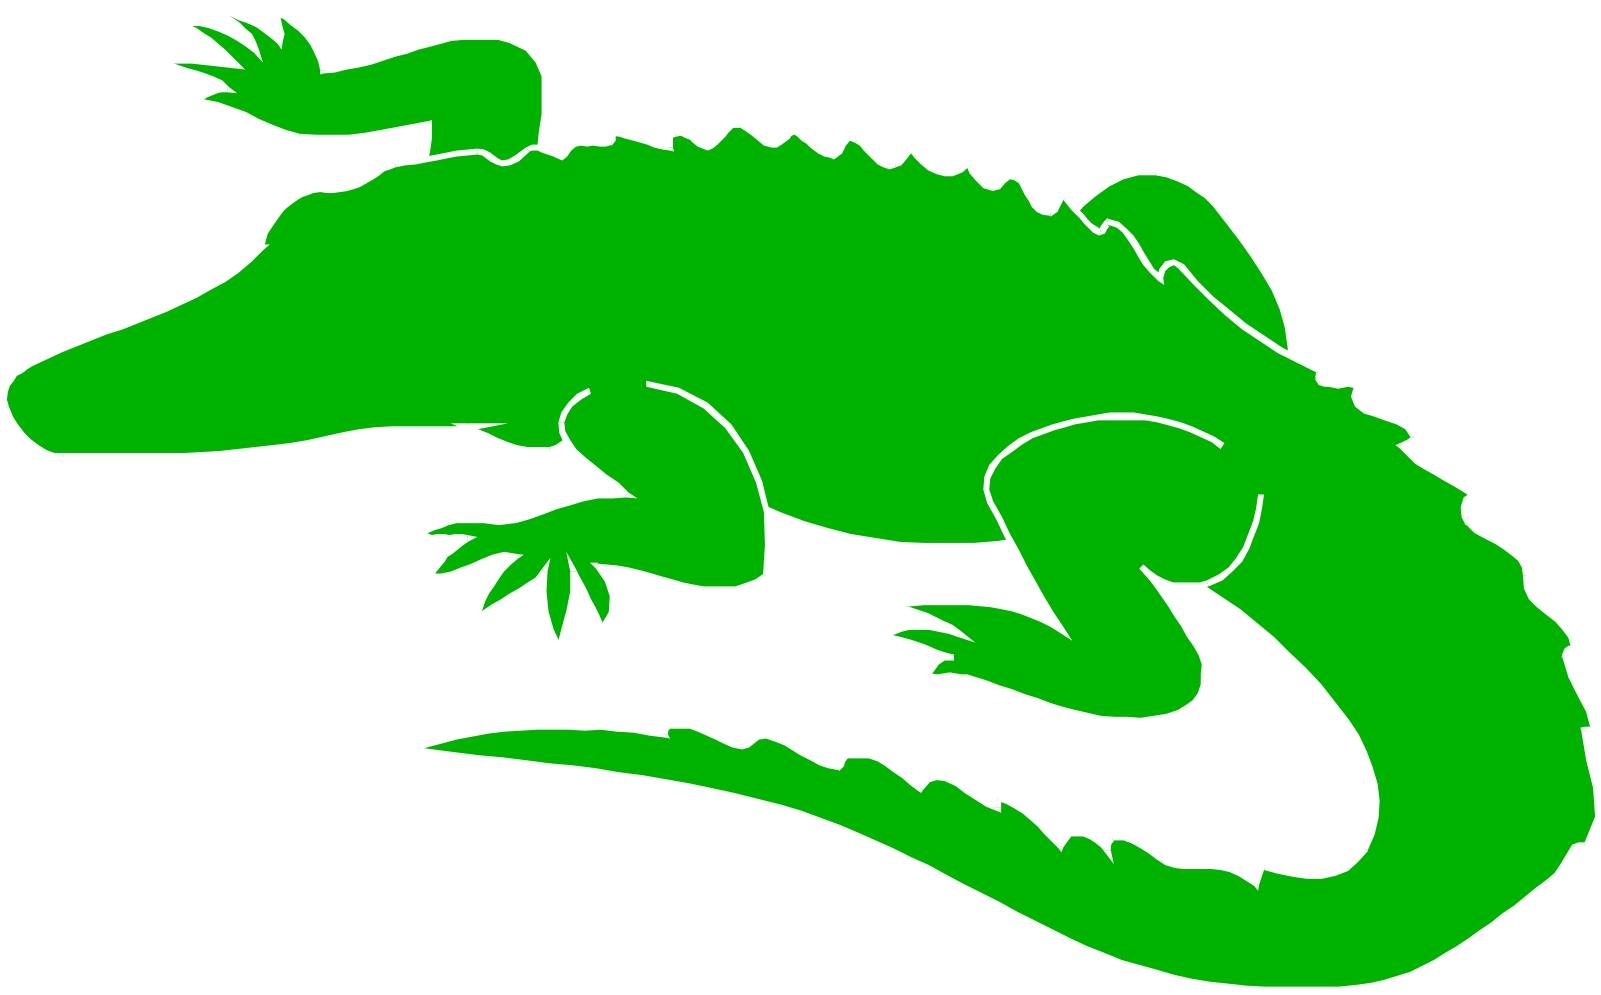 Alligator clipart silhouette Alligator white alligator clipart collection